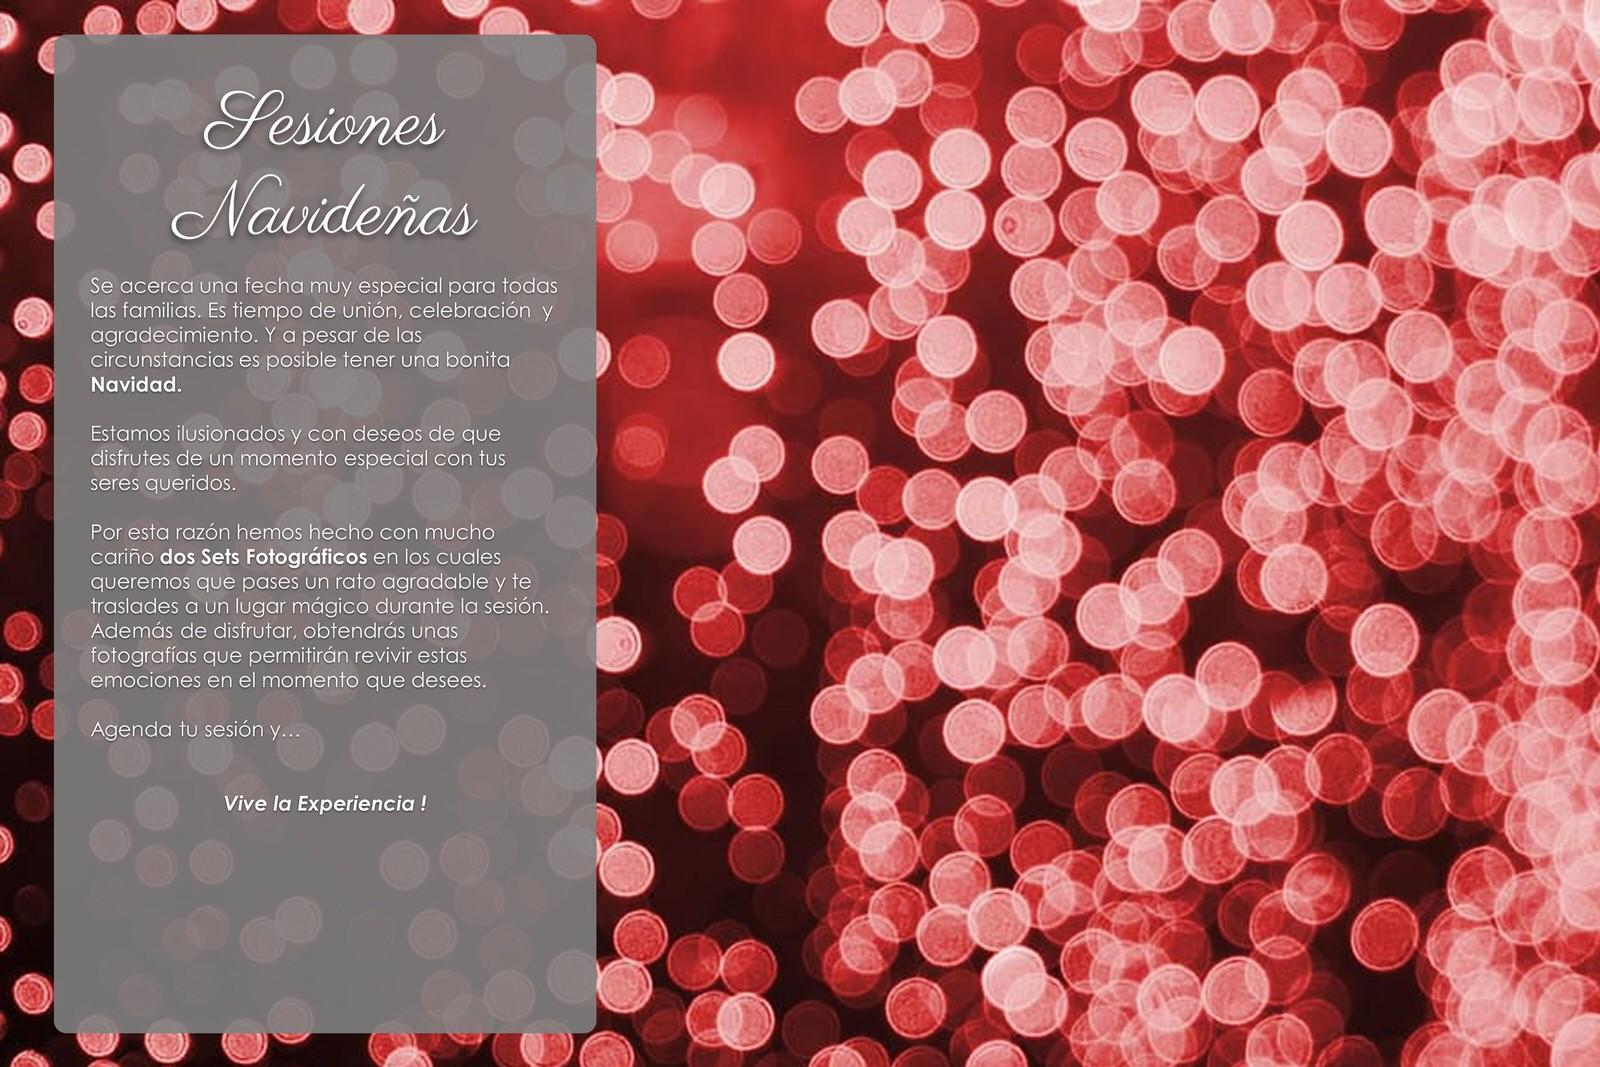 Sesiones Navideñas 03